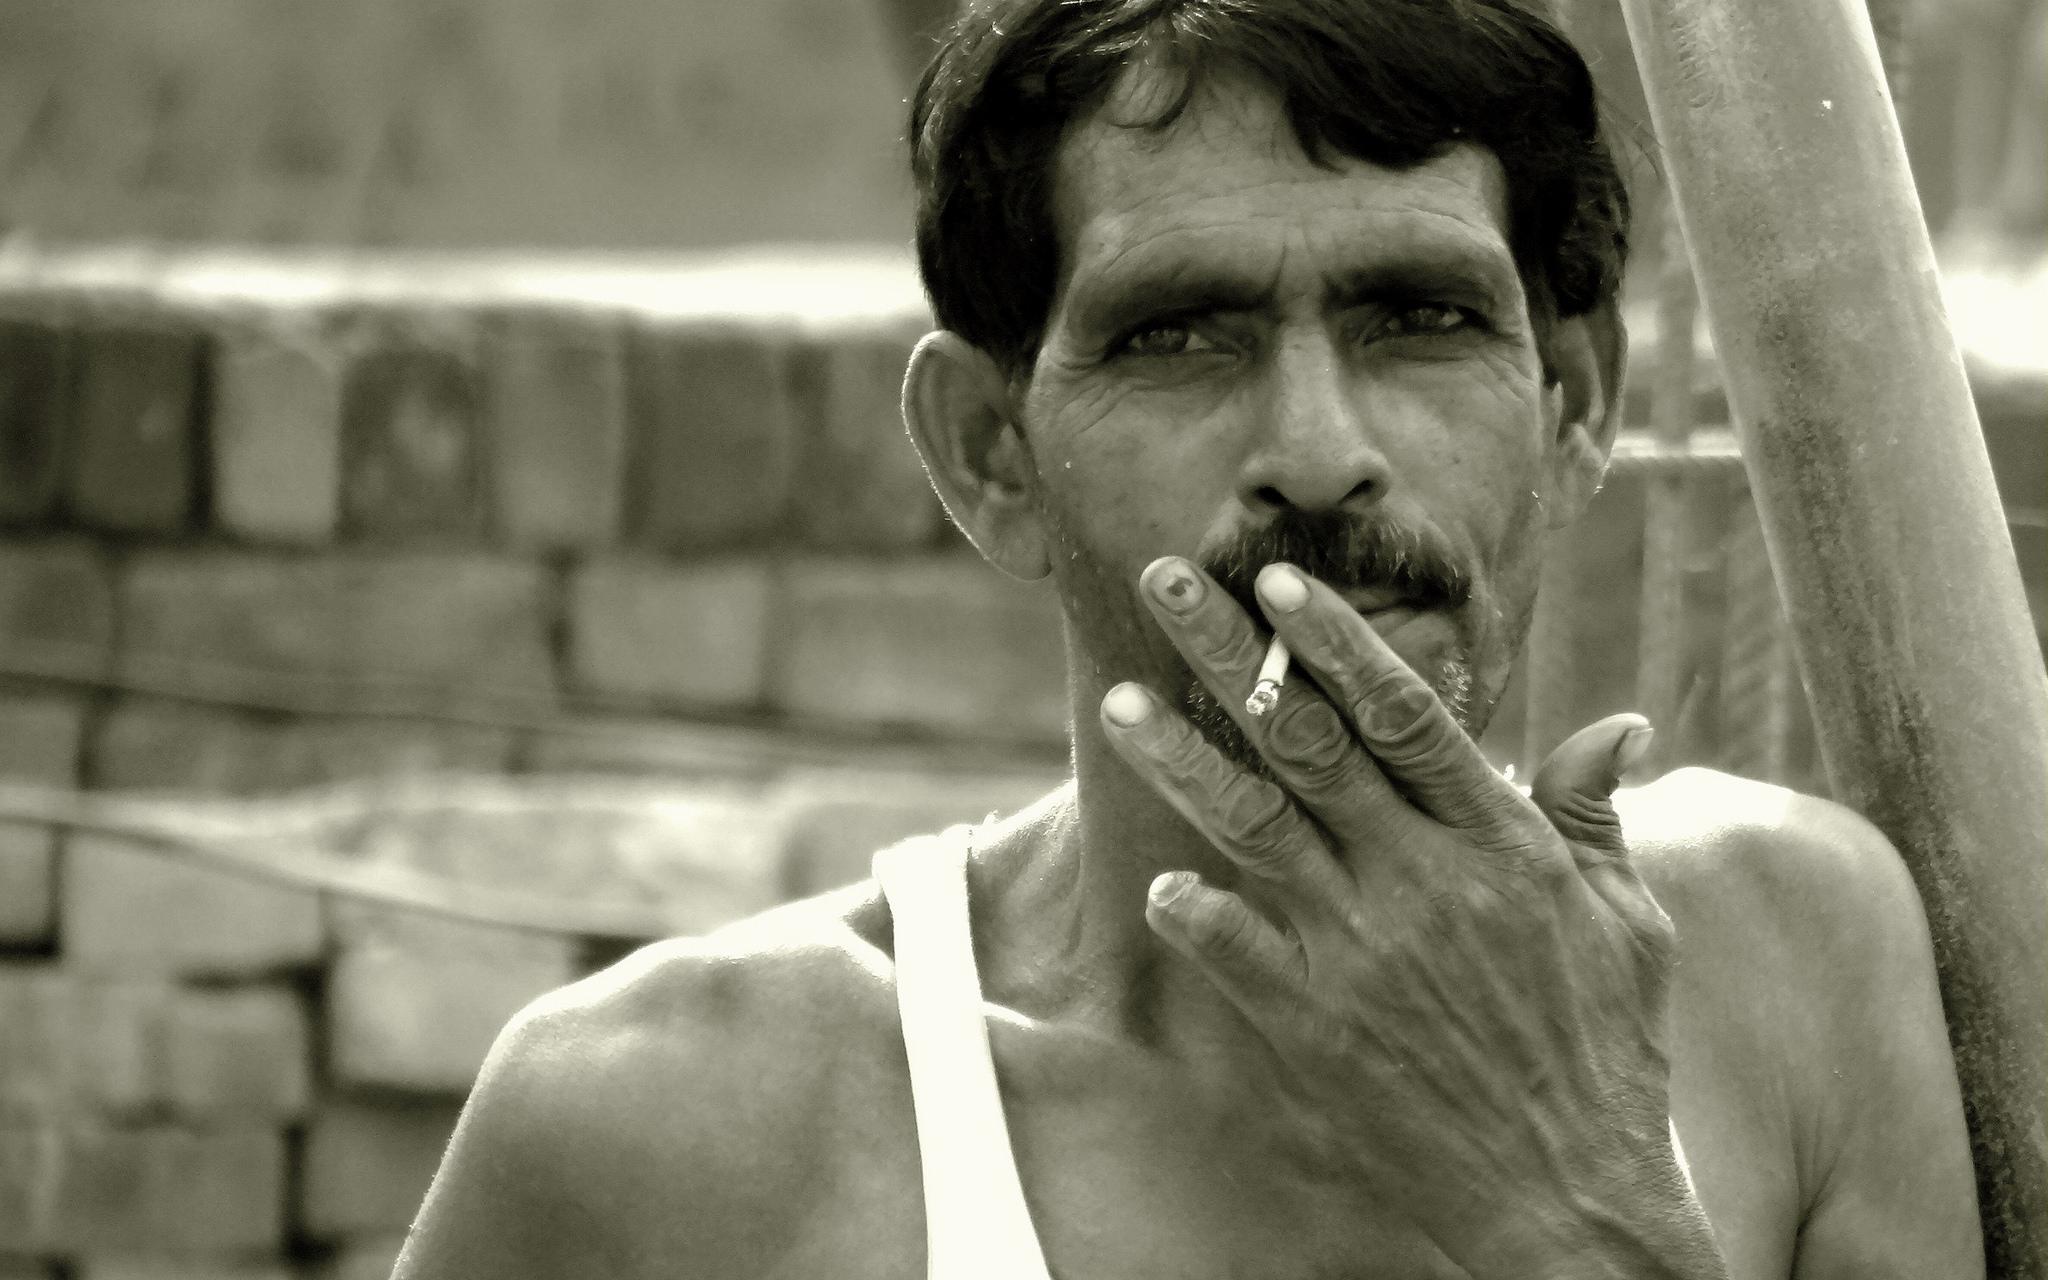 Att sluta röka är svårare än många tror